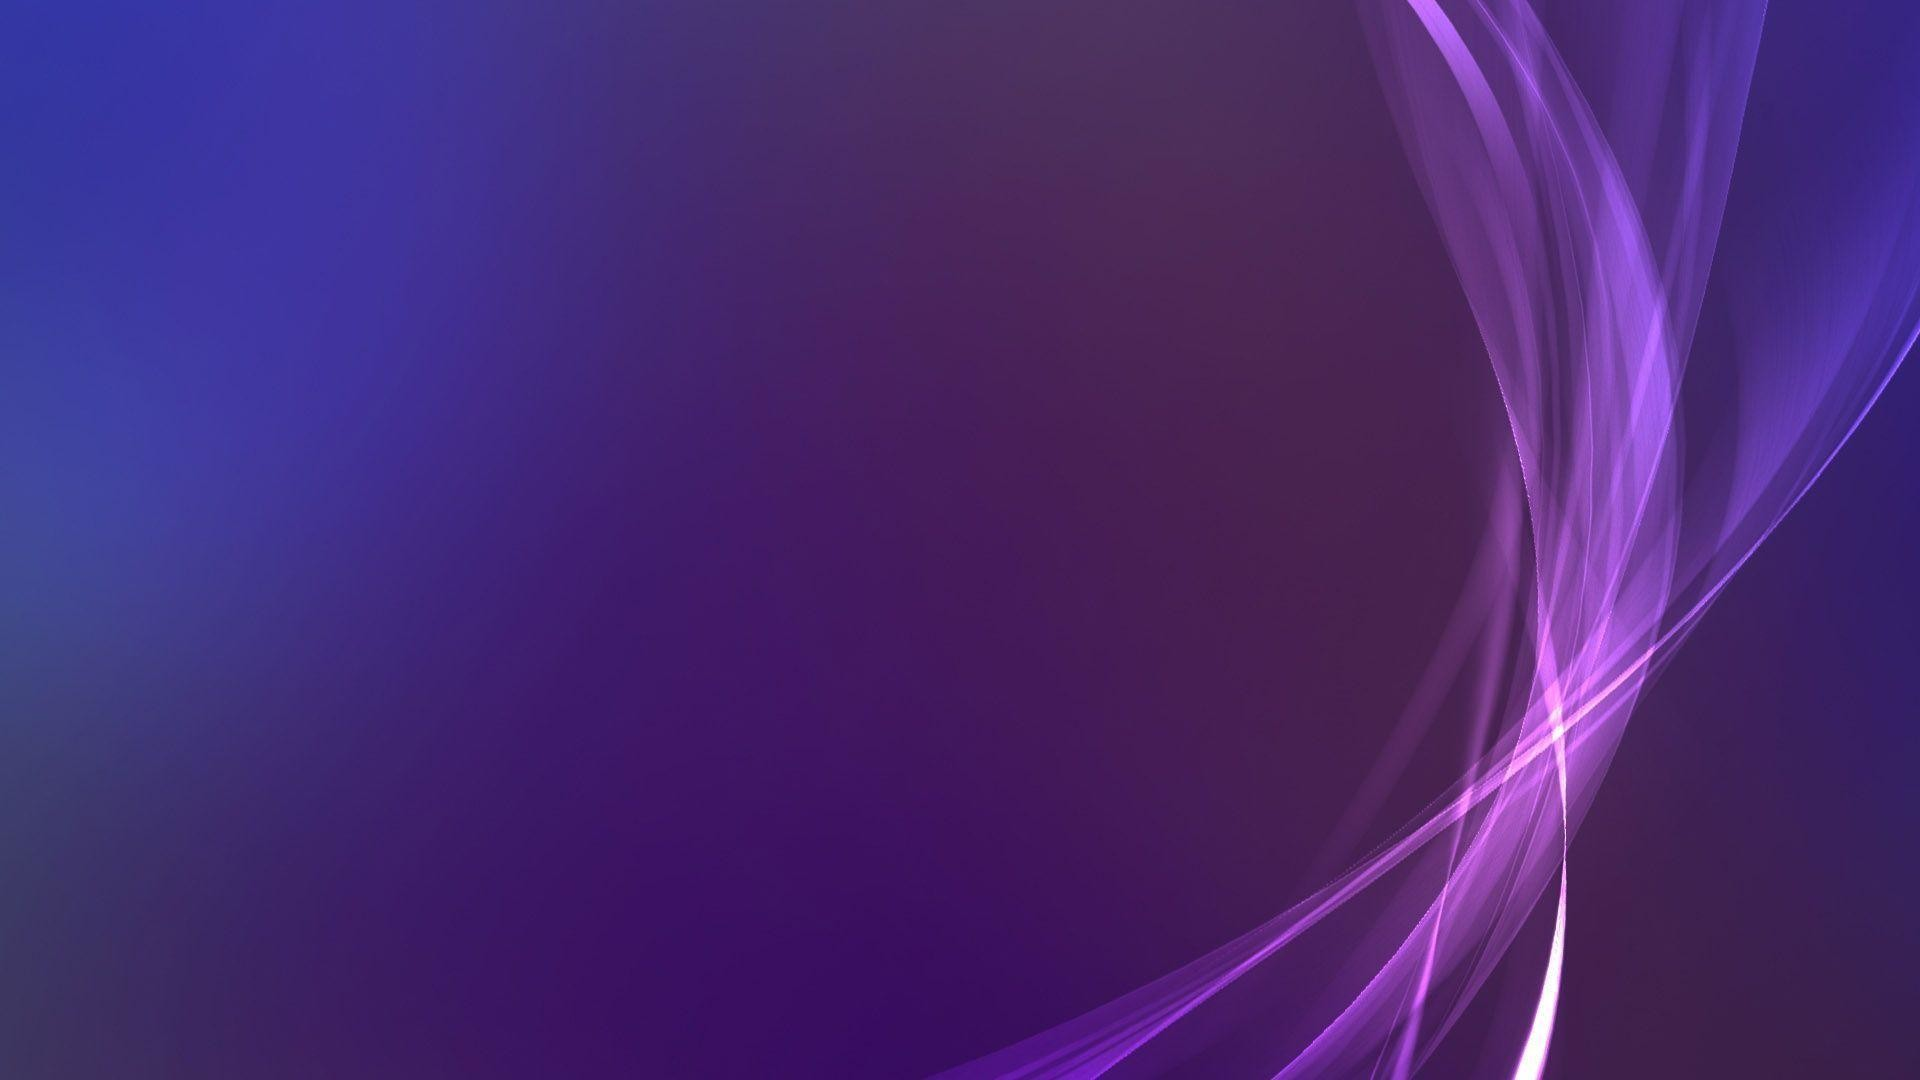 Purple HD Wallpapers – HD Wallpapers Inn